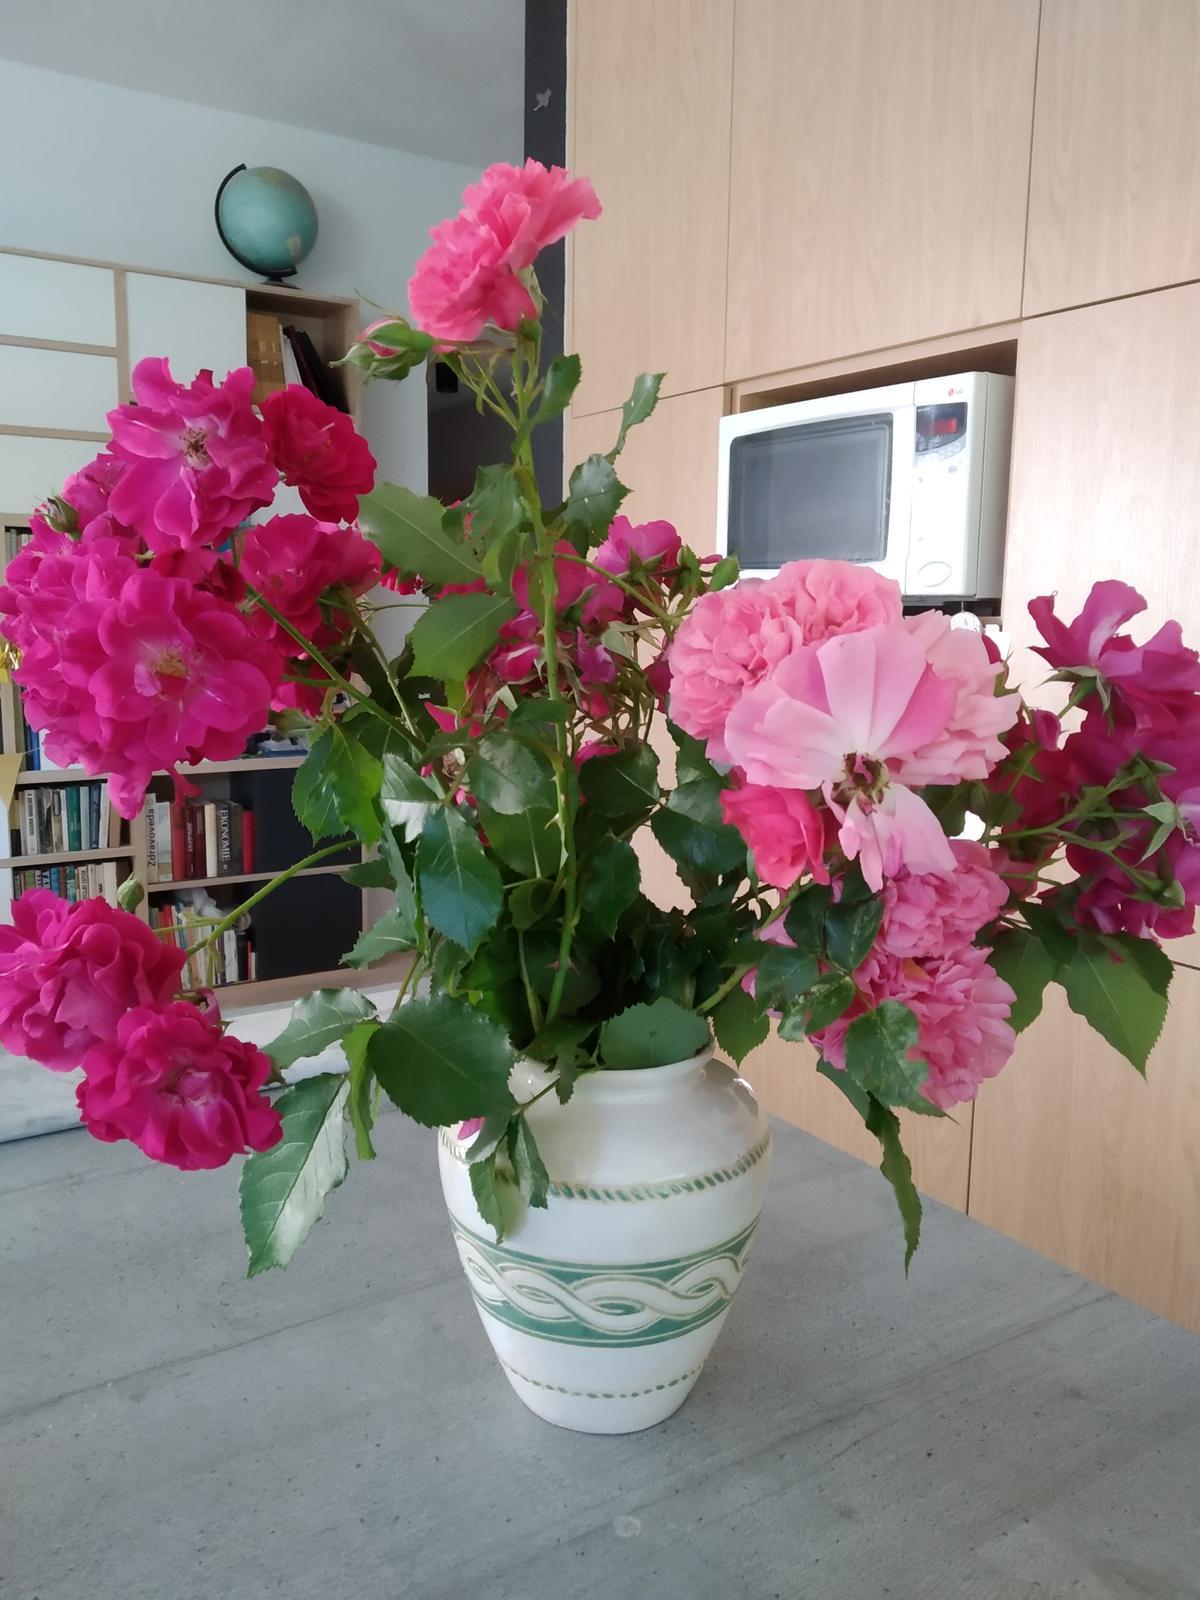 Babkina záhrada - Dostala som od babky, keď odkvitne, chcem namnožiť, resp. dať zakoreniť